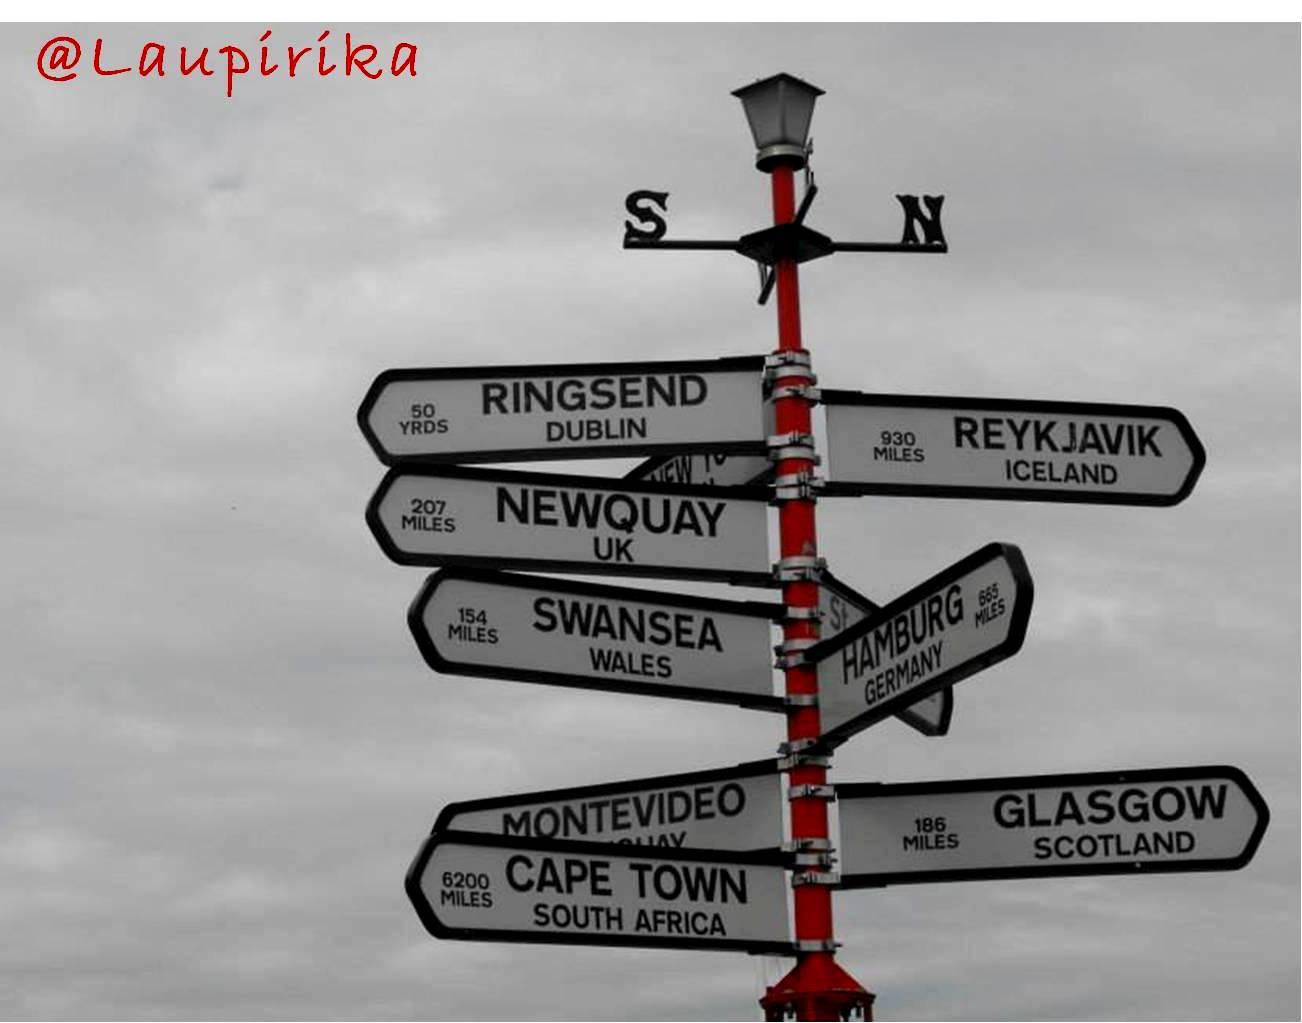 Entrevistas, viaje, viajeros, Irlanda, consejos, redes sociales, twitter, movil